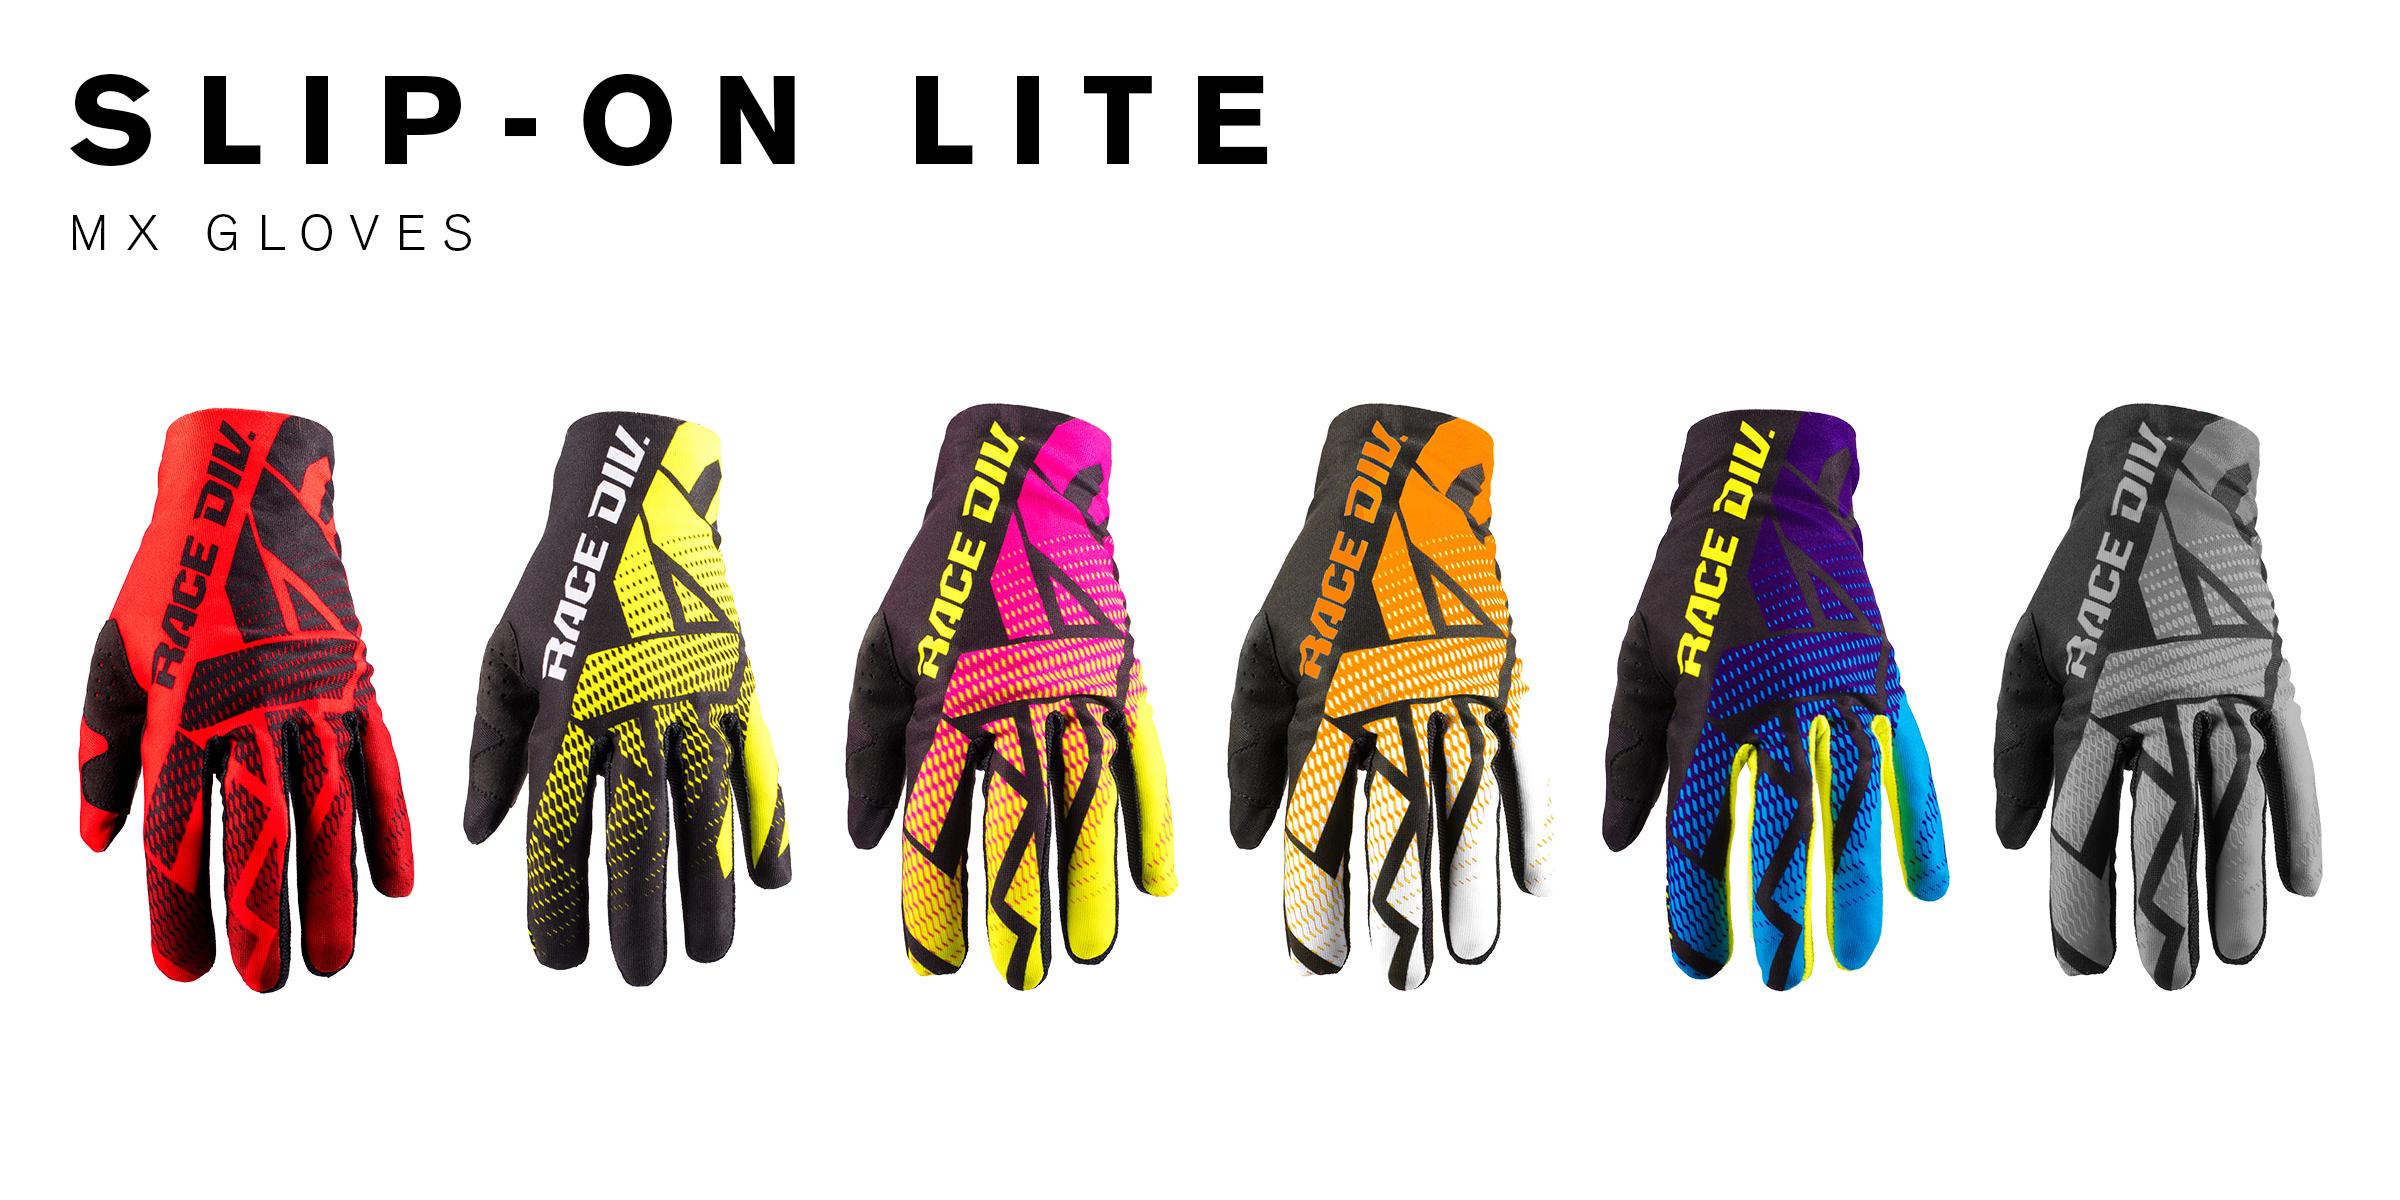 Slip-on Lite MX gloves 2018.jpg